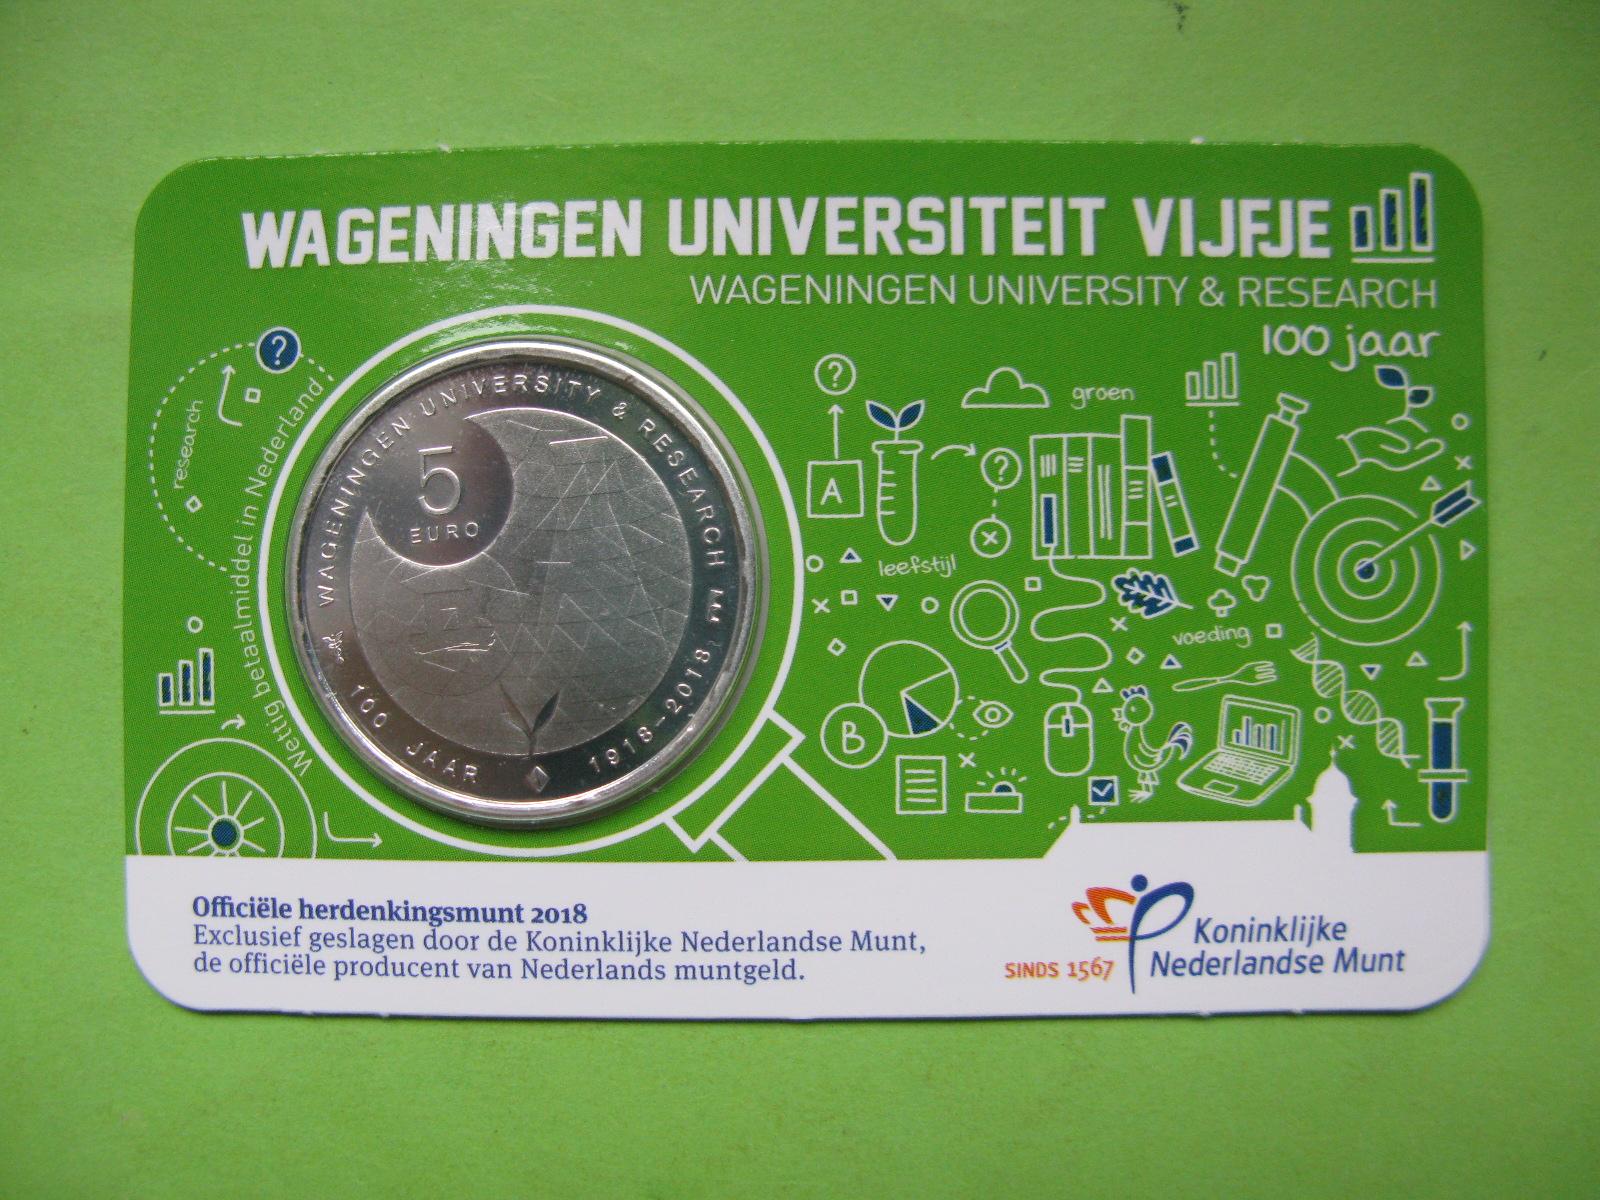 Нидерланды 5 евро 2018 г.  Вагенингенский университет